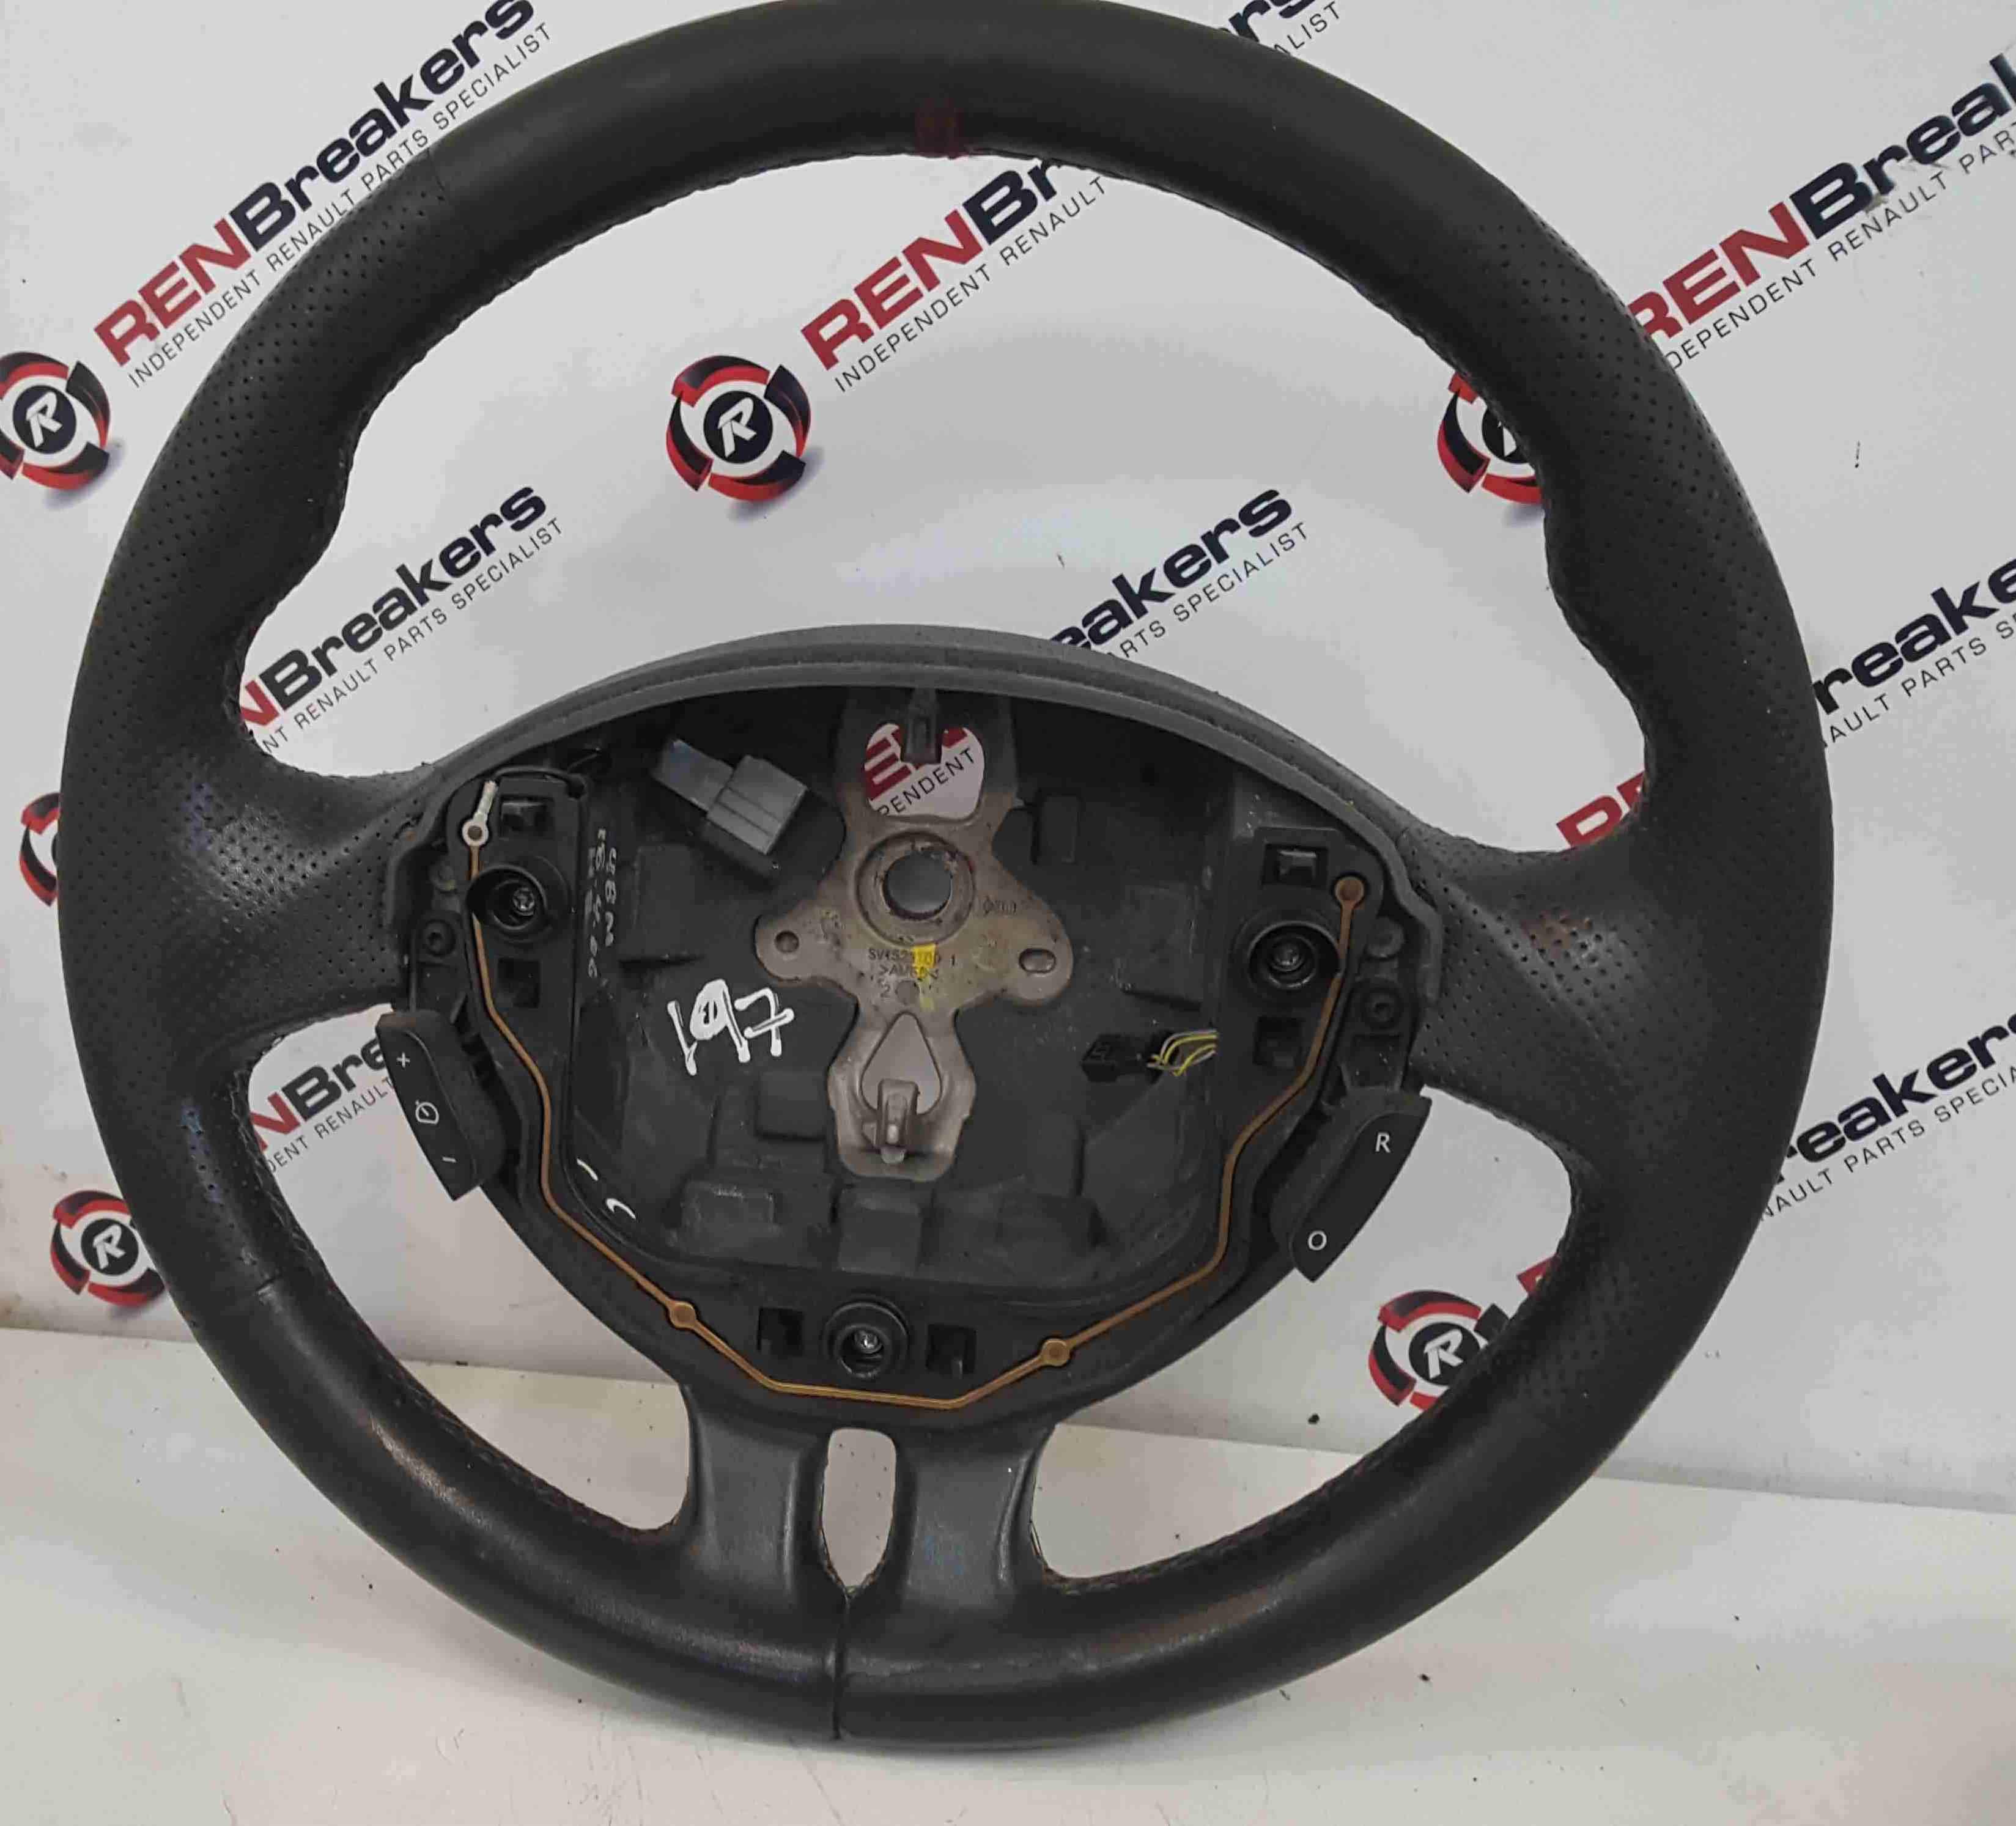 Renault Clio Sport MK3 2005-2012 197 200 Steering Wheel Red Stitching